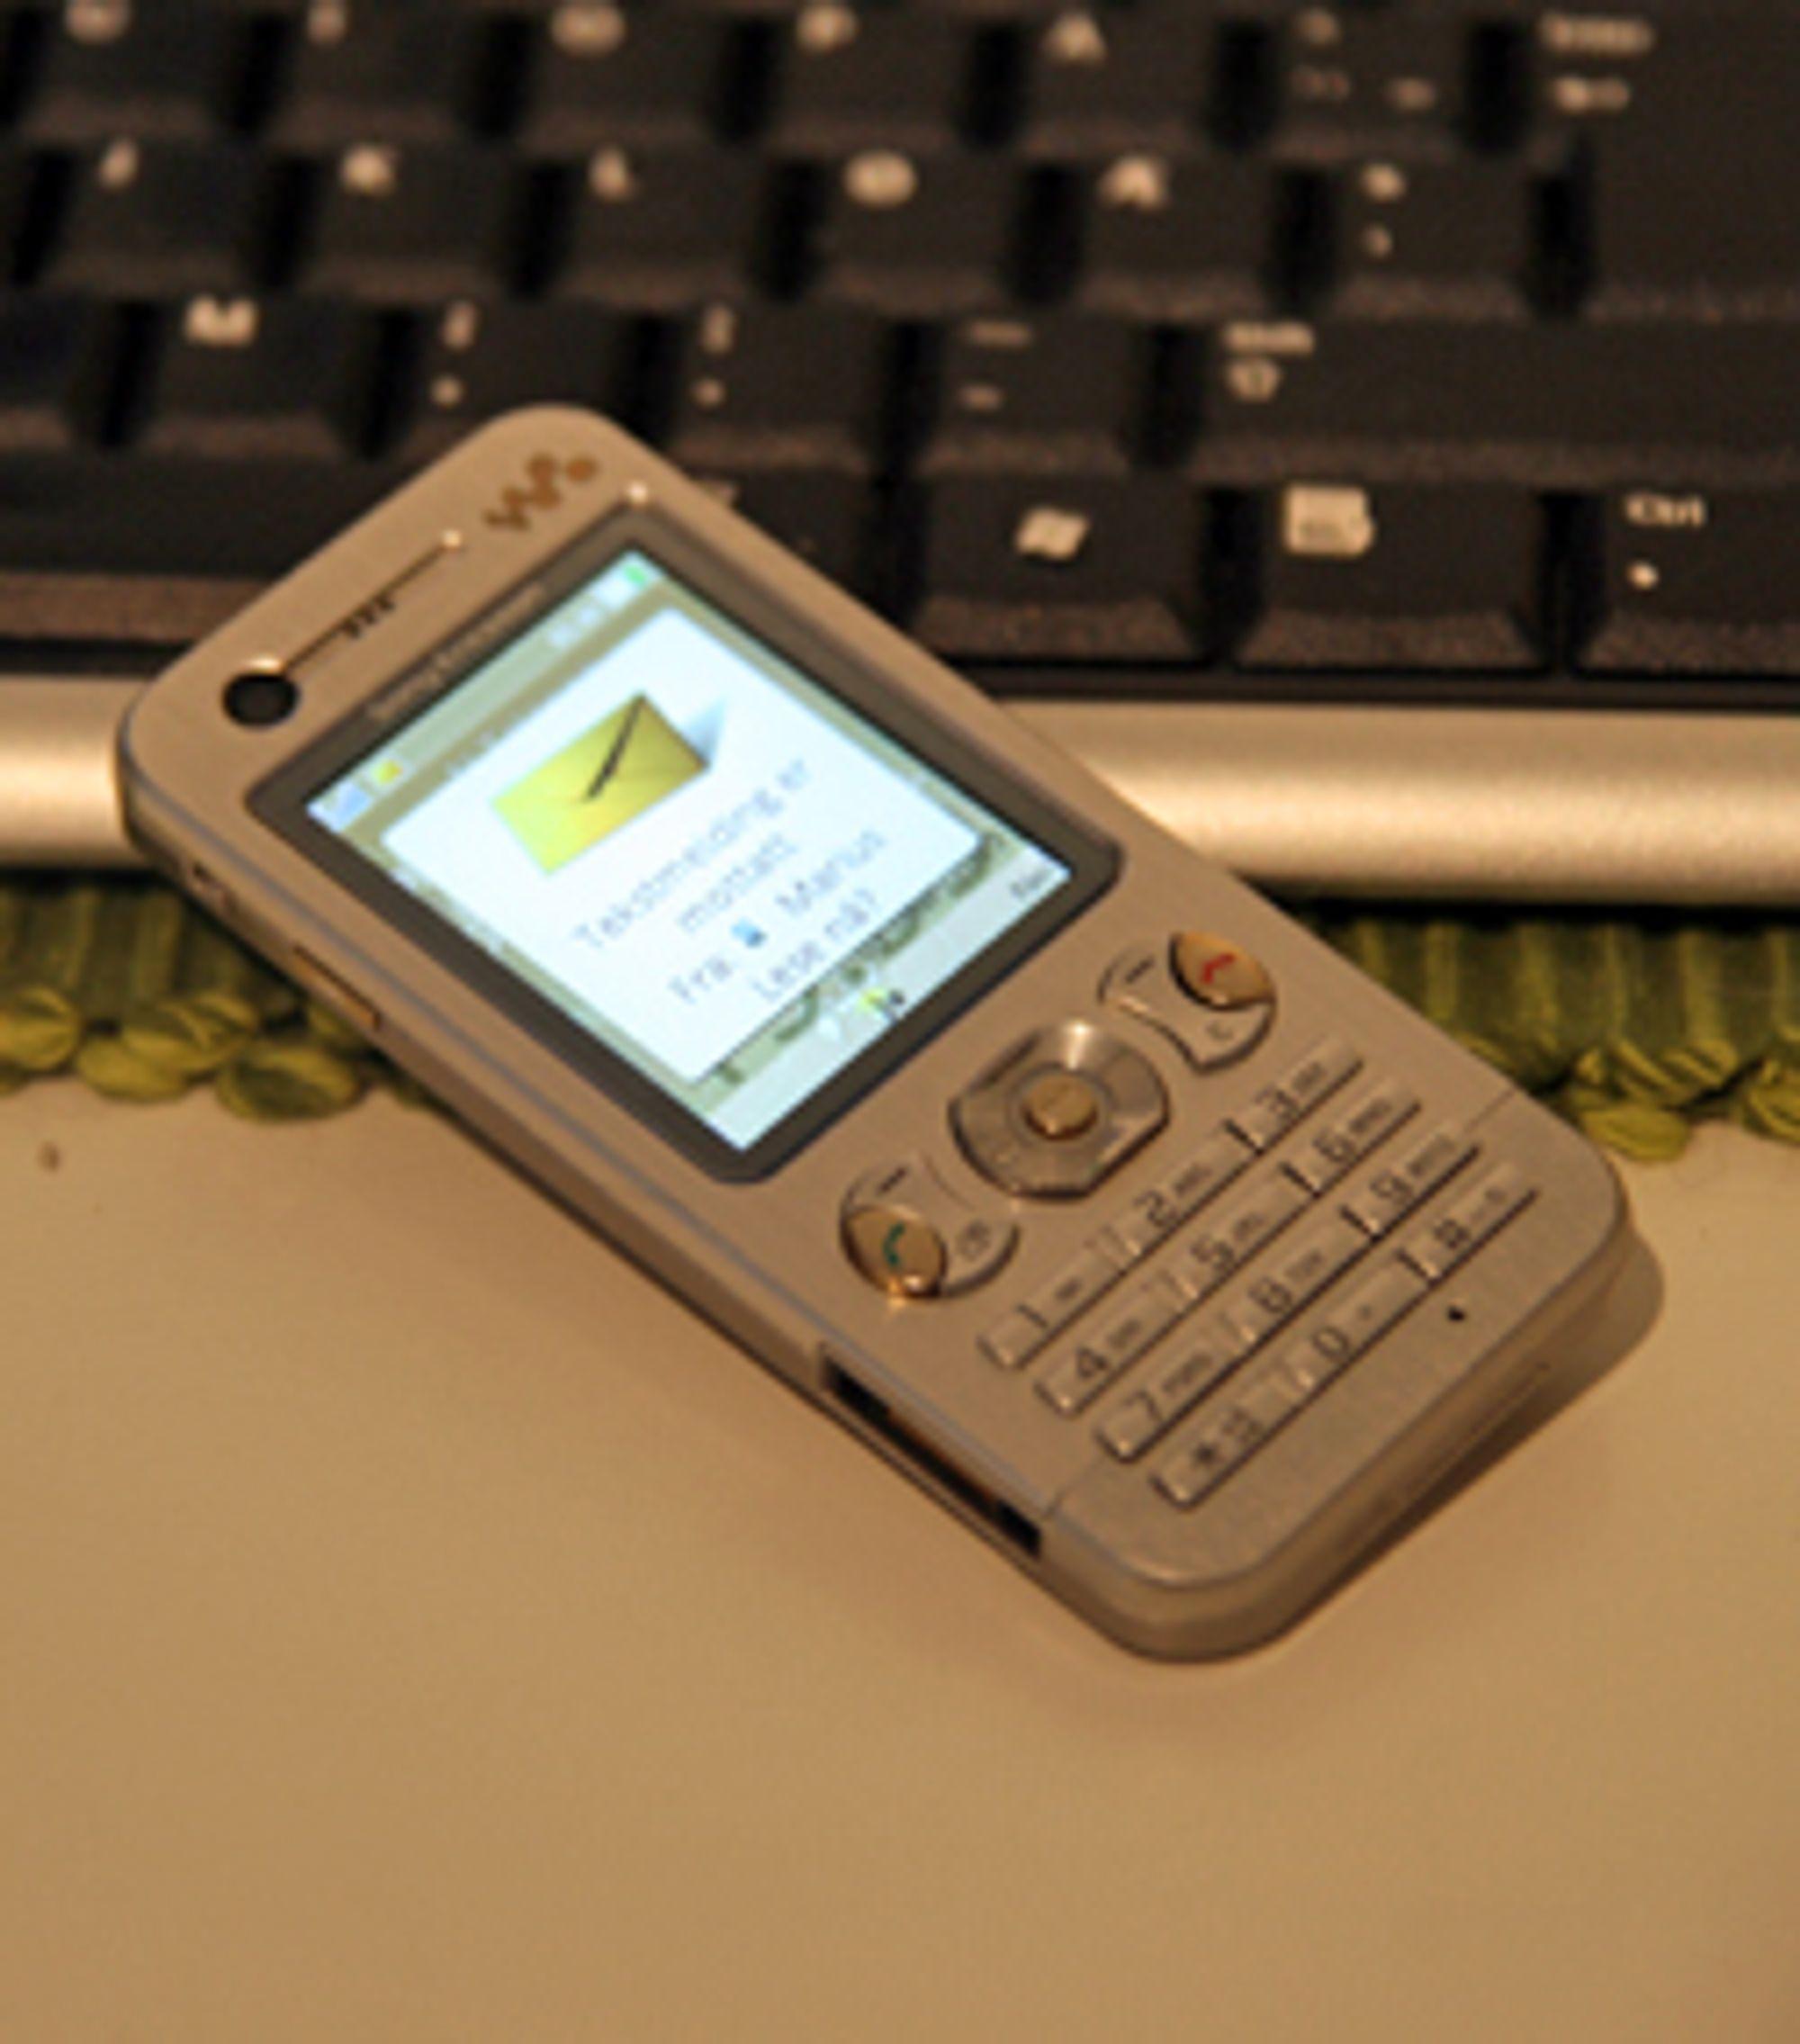 Irske mobilbrukere må kanskje betale SMS-skatt. (Foto: Silje Gomnæs)